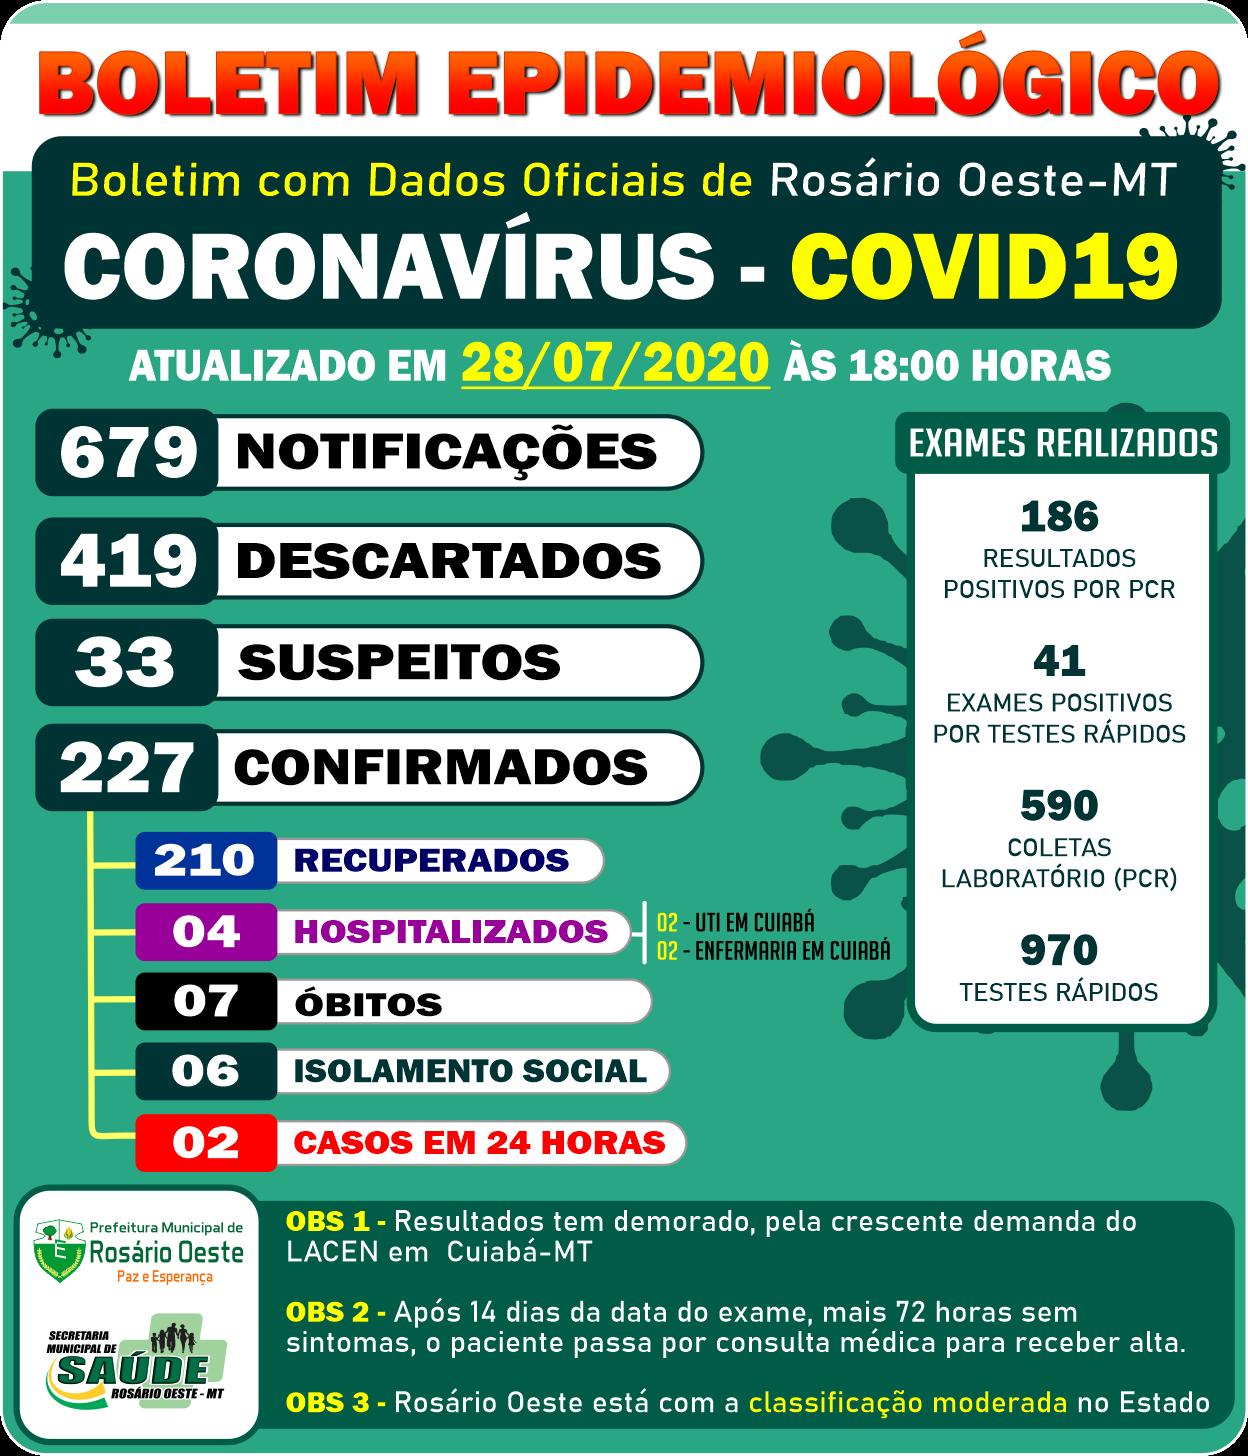 Rosário Oeste tem 227 Casos de Covid19. 210 estão curados.